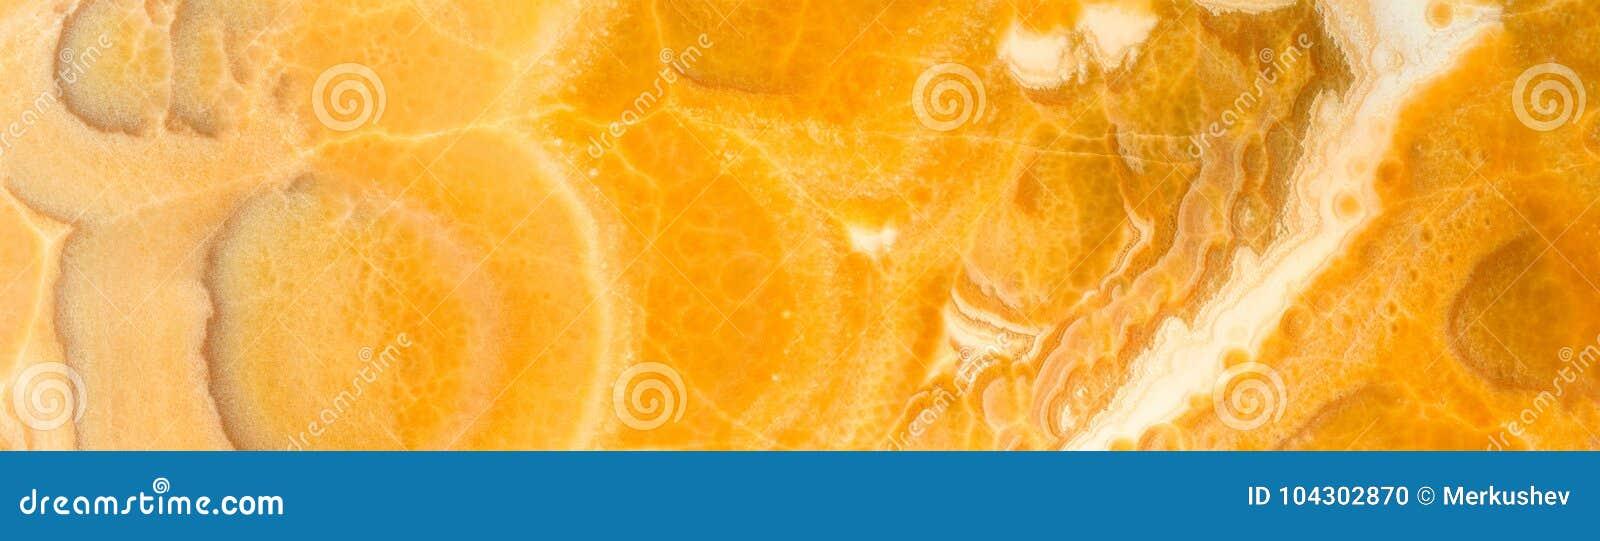 De achtergrond van de hoge resolutiesteen Onyx of geel marmer Panoramisch beeld Kan voor keukenskinali worden gebruikt